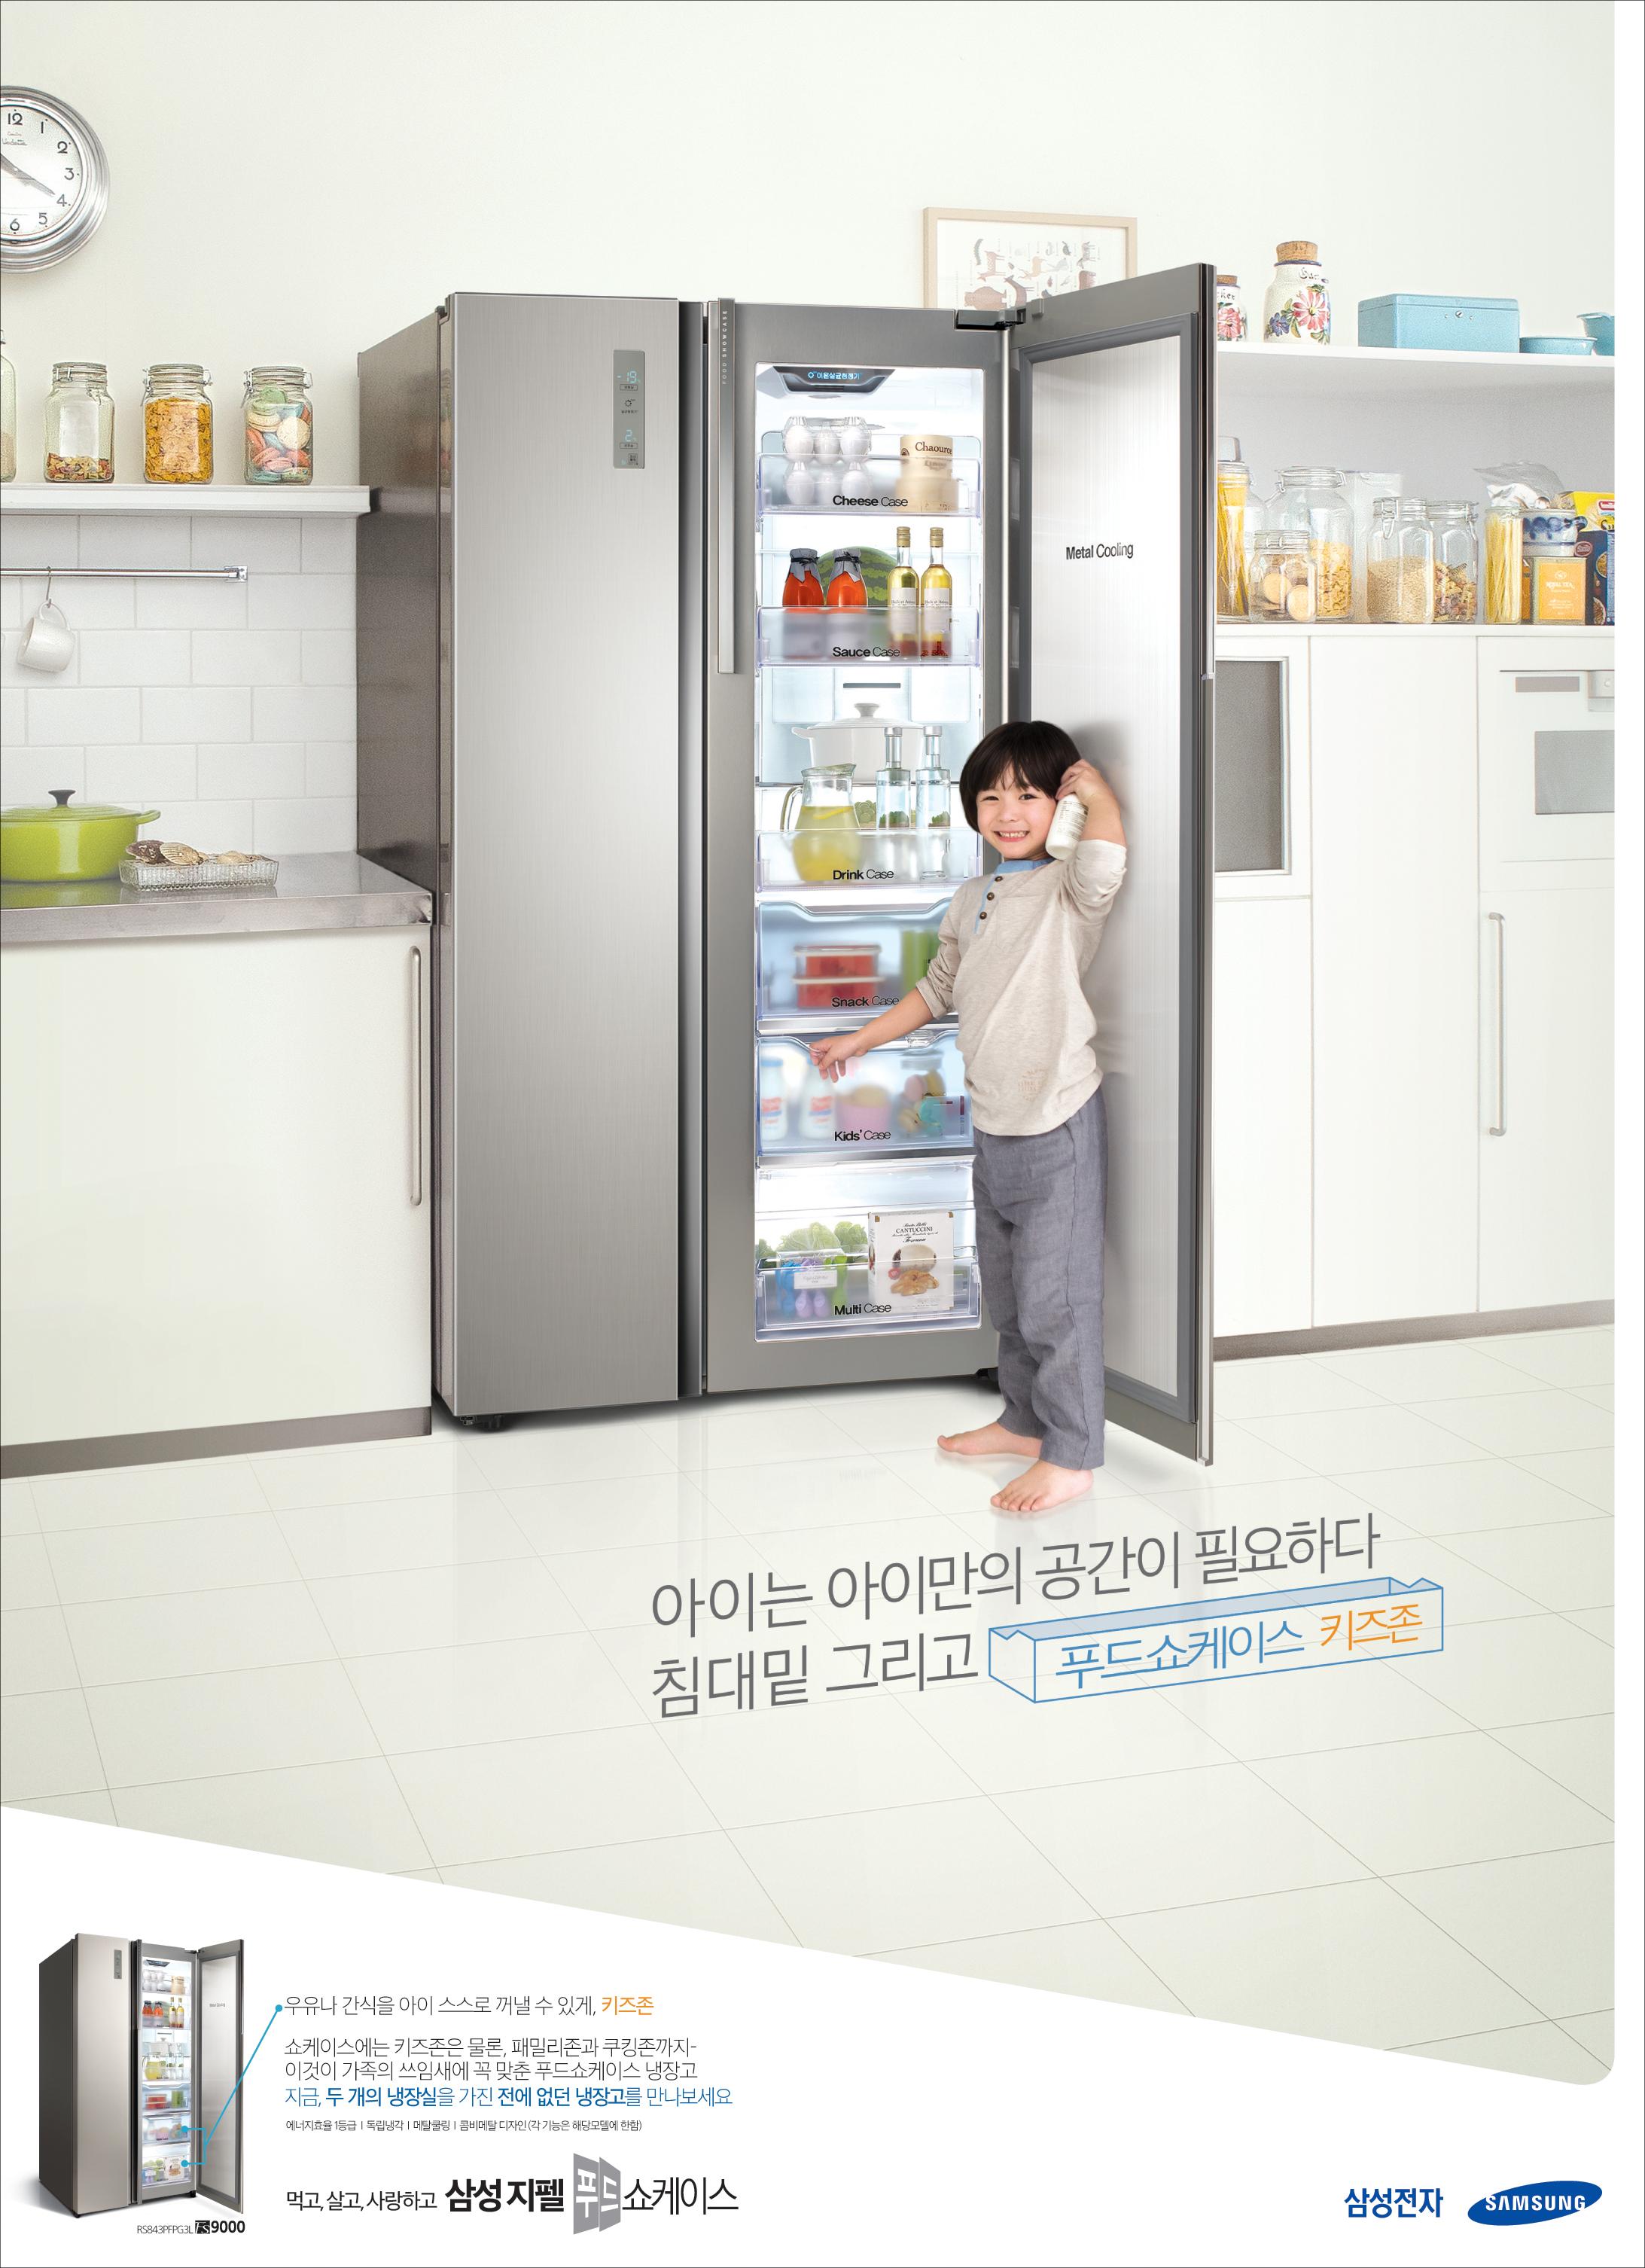 '삼성지펠 푸드 쇼케이스 인쇄광고 시리즈' 아이는 아이만의 공간이 필요하다 침대밑 그리고 푸드쇼케이스 키즈존